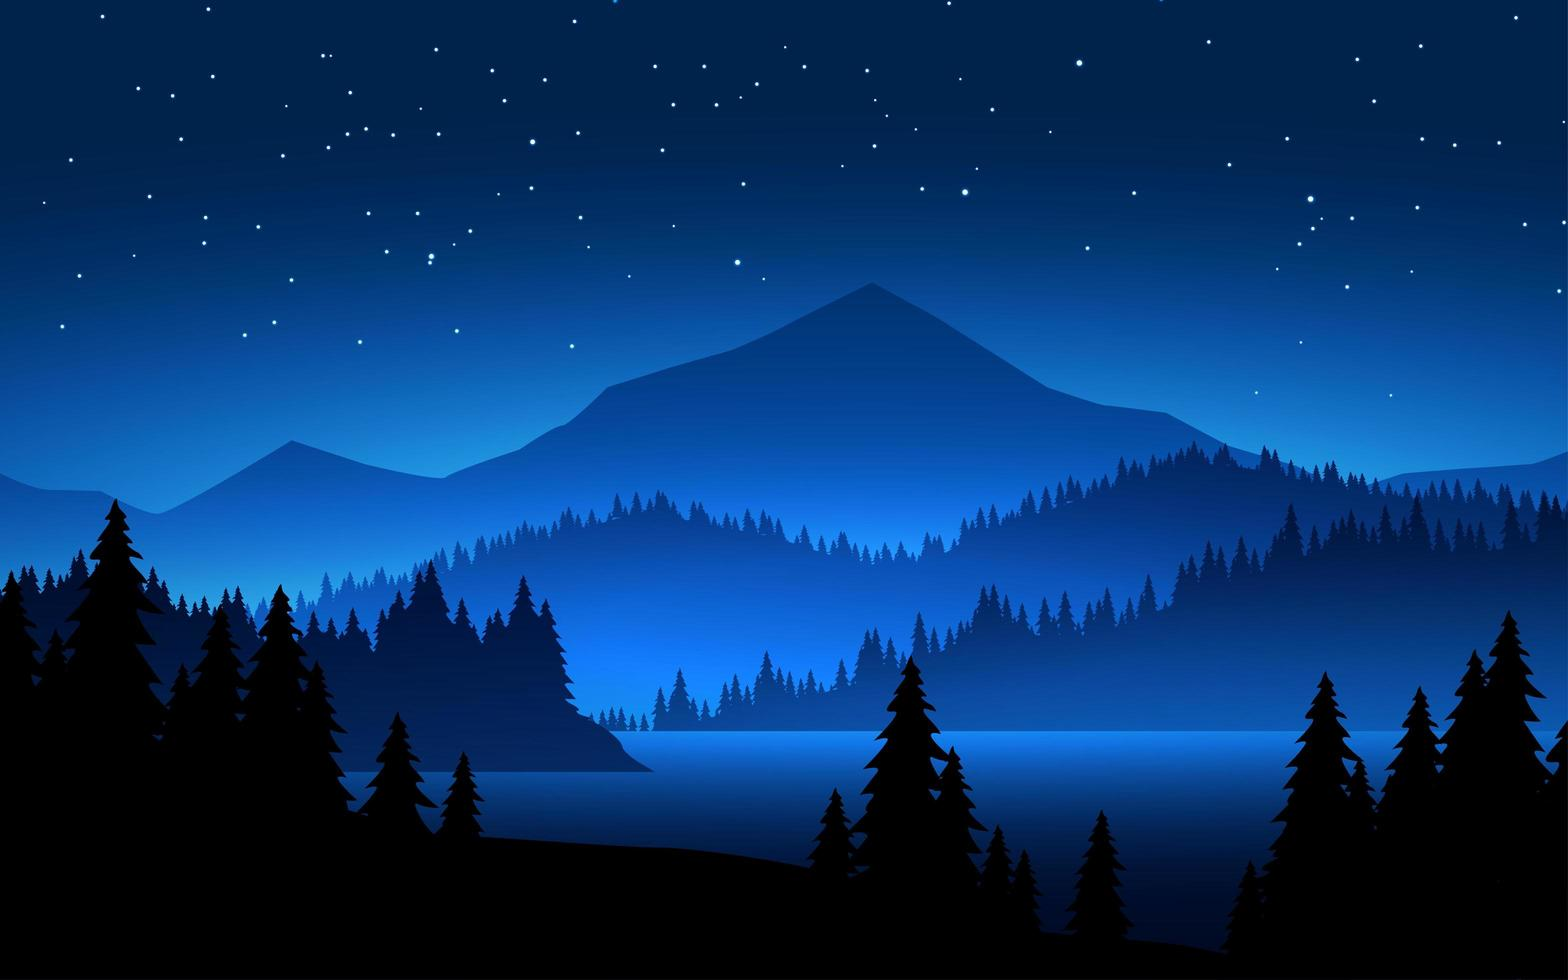 montañas en la escena del paisaje nocturno vector